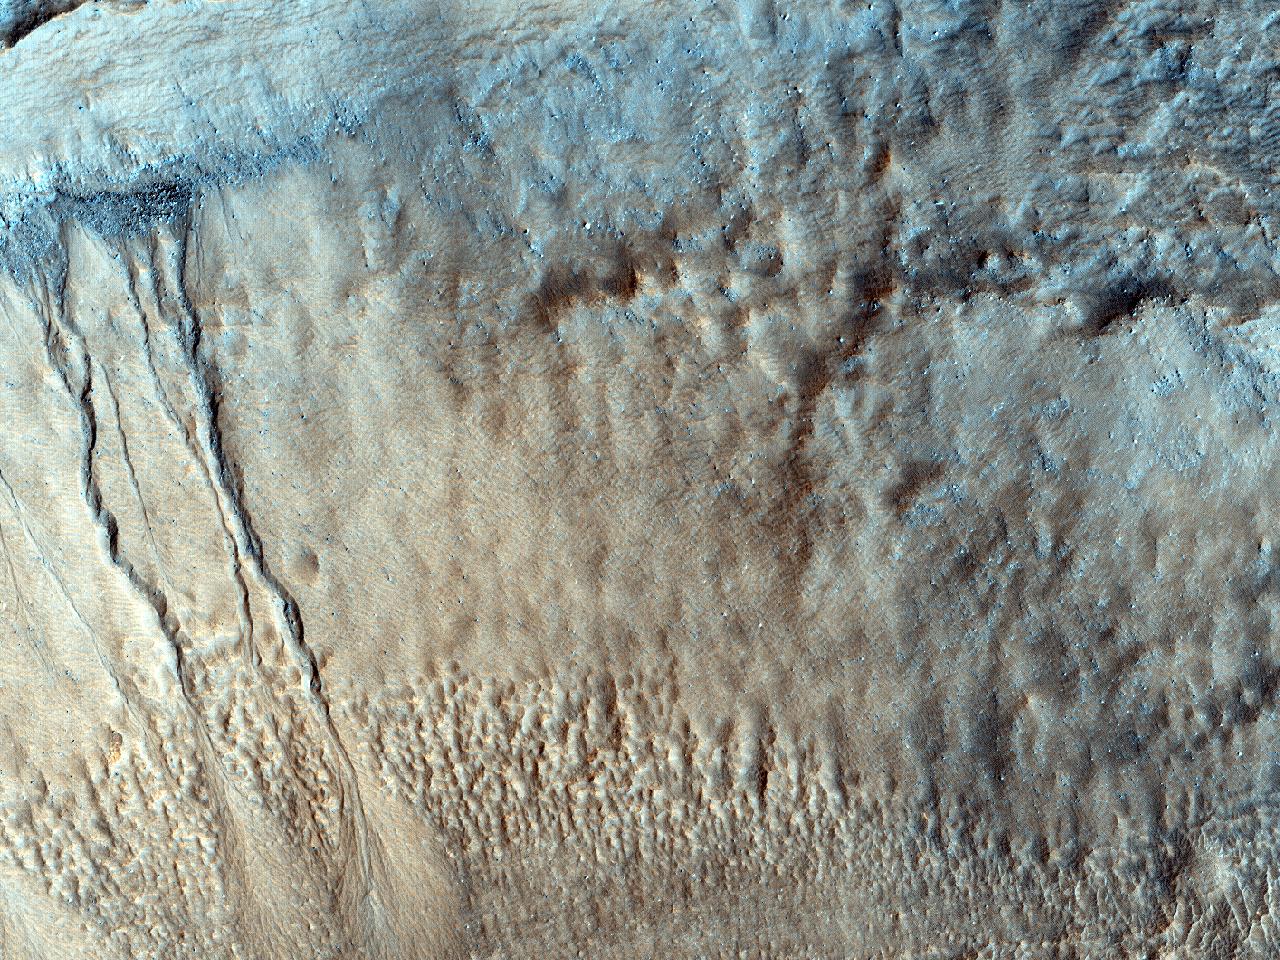 Latus crateris attritum aqua